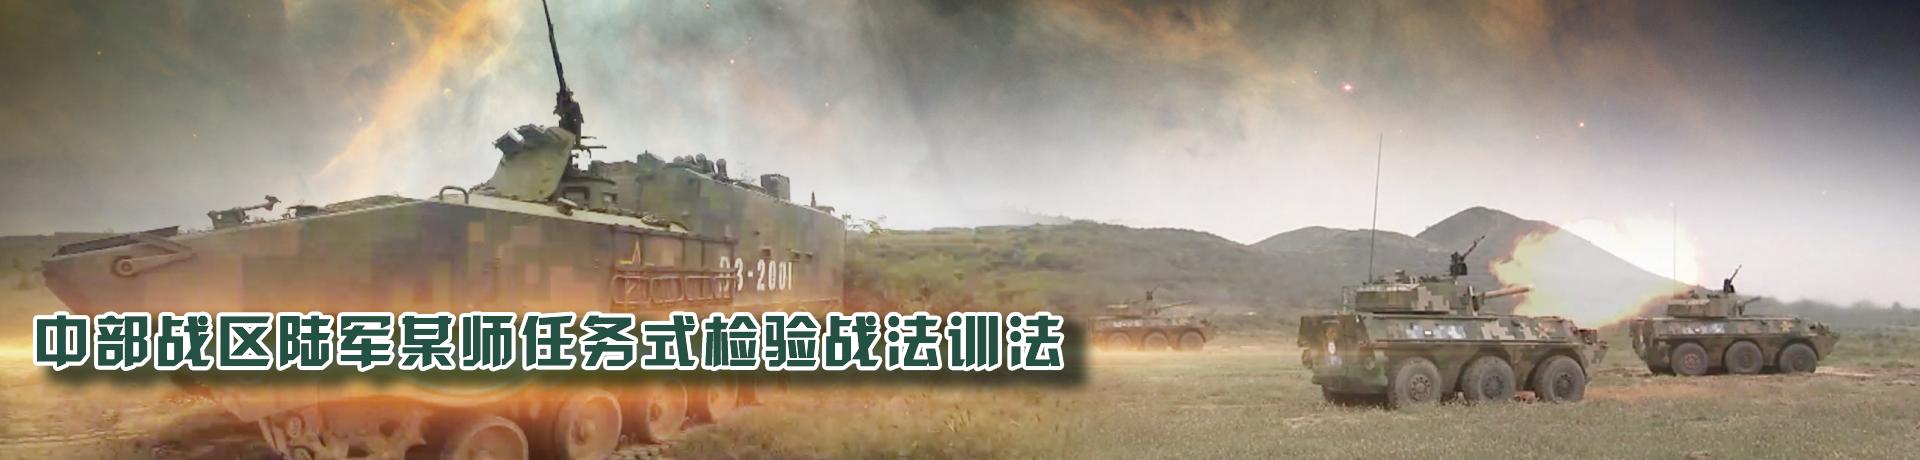 中部战区陆军某师任务式检验战法训法